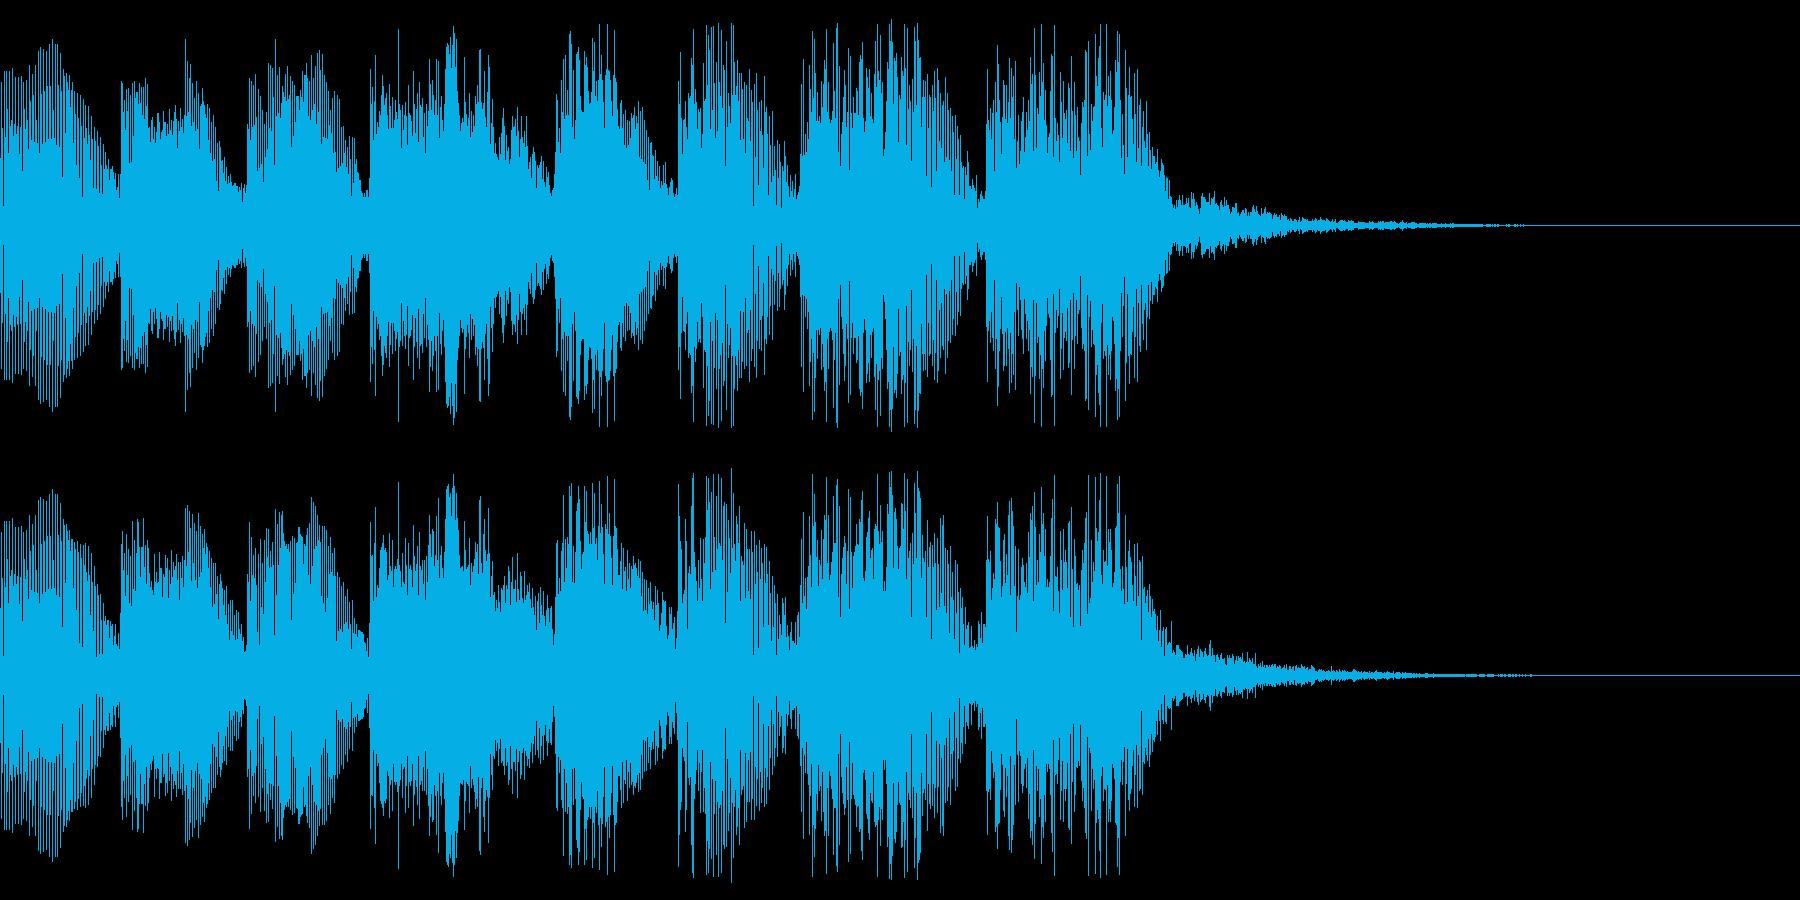 8bit ファミコン風 場面転換、クリアの再生済みの波形